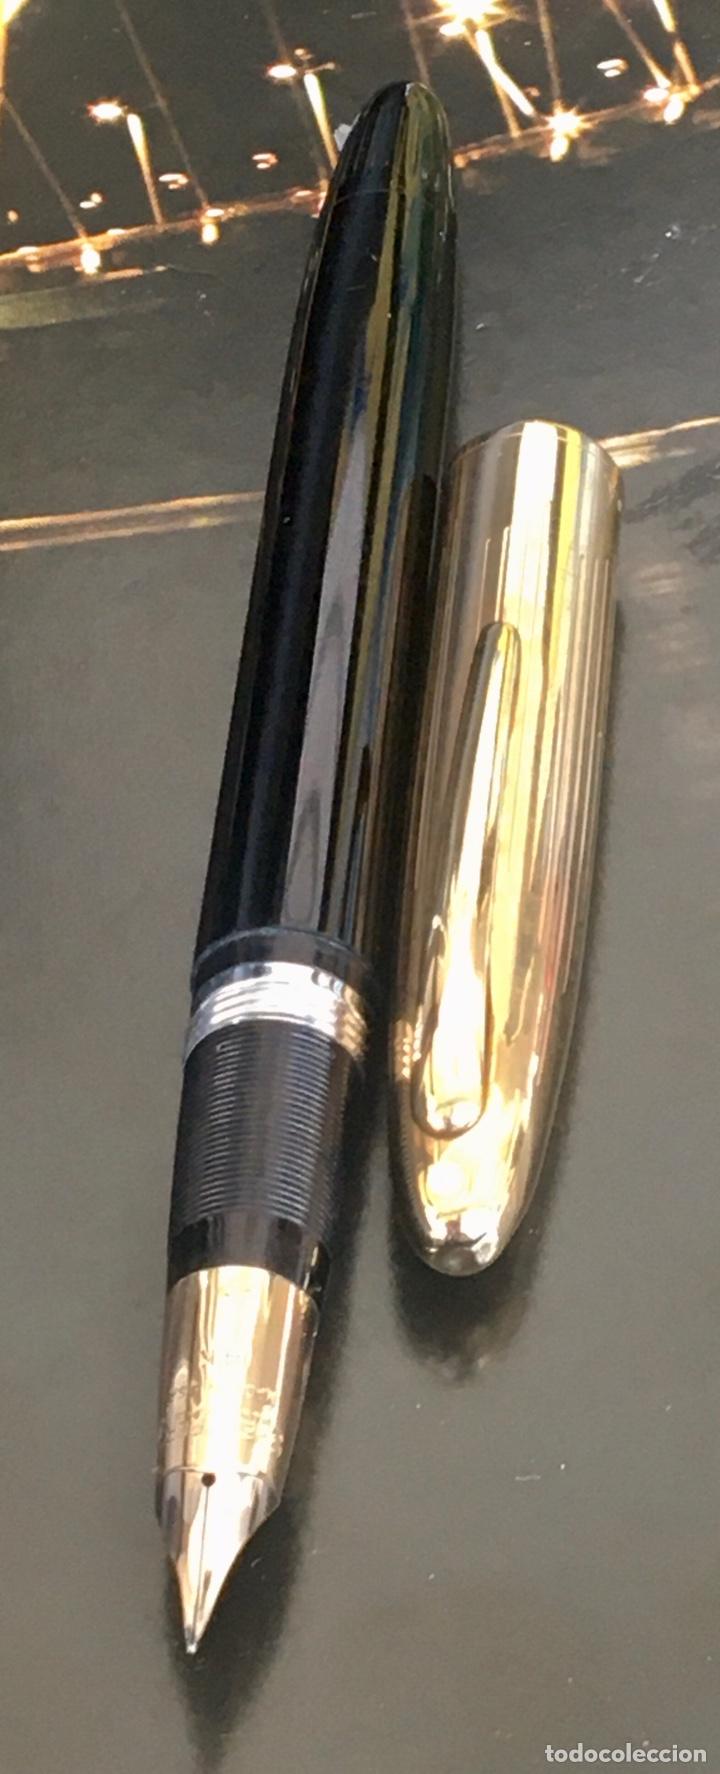 Bolígrafos antiguos: Sheaffer Snorkel Crest Lefitime 1950'S USA - Foto 3 - 234922985